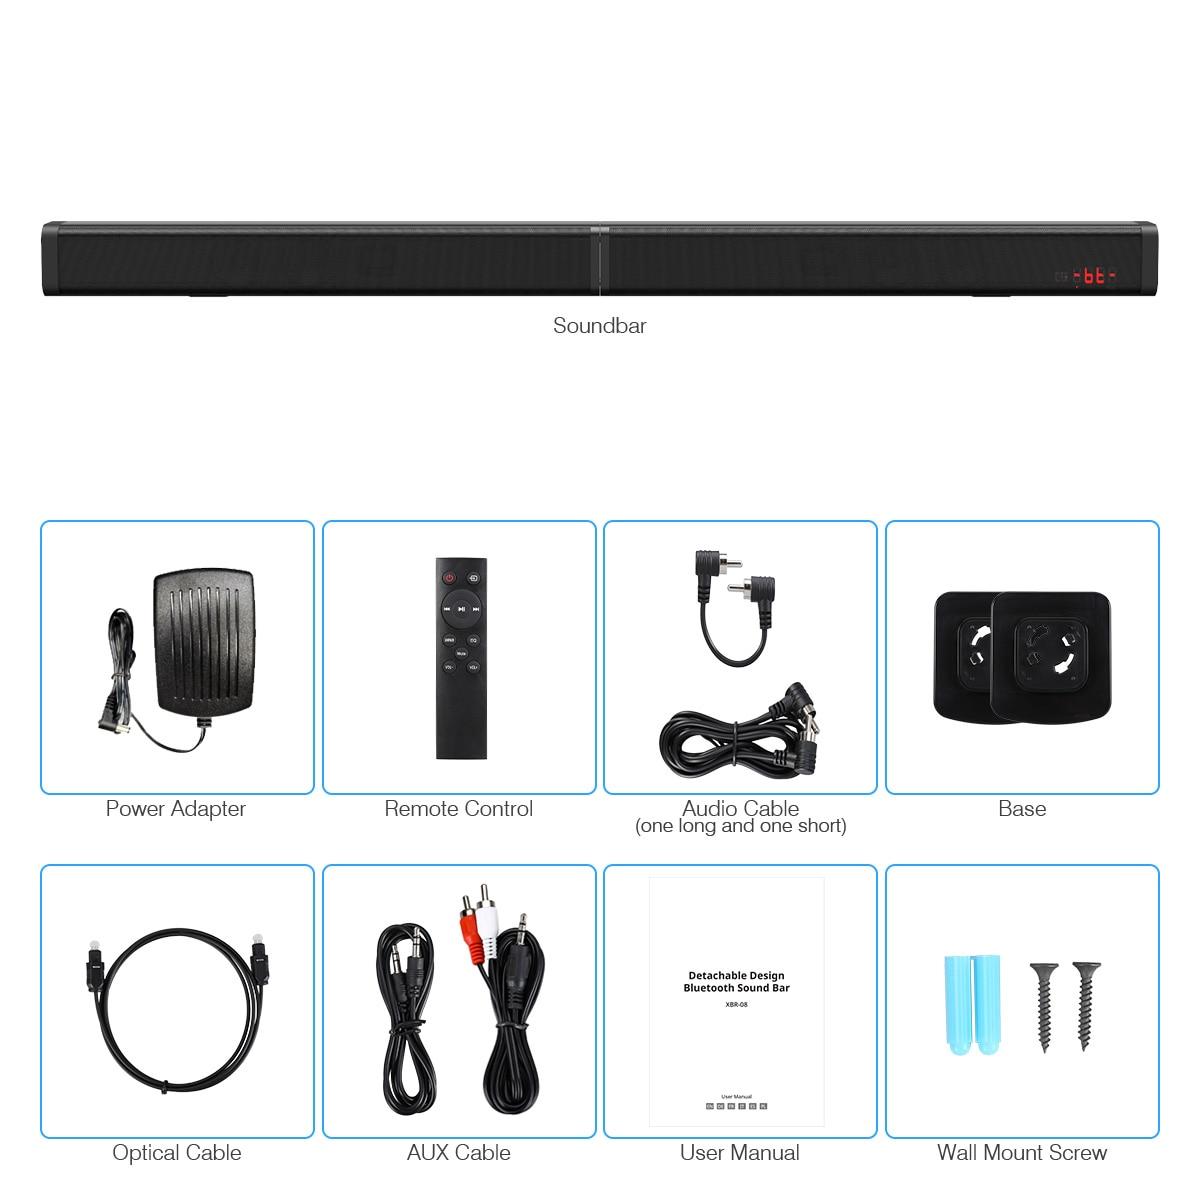 Excelvan 40 W amovible Bluetooth barre de son sans fil Bluetooth haut-parleur construit Subwoofe TV AUX optique barre de son stéréo Home cinéma - 6